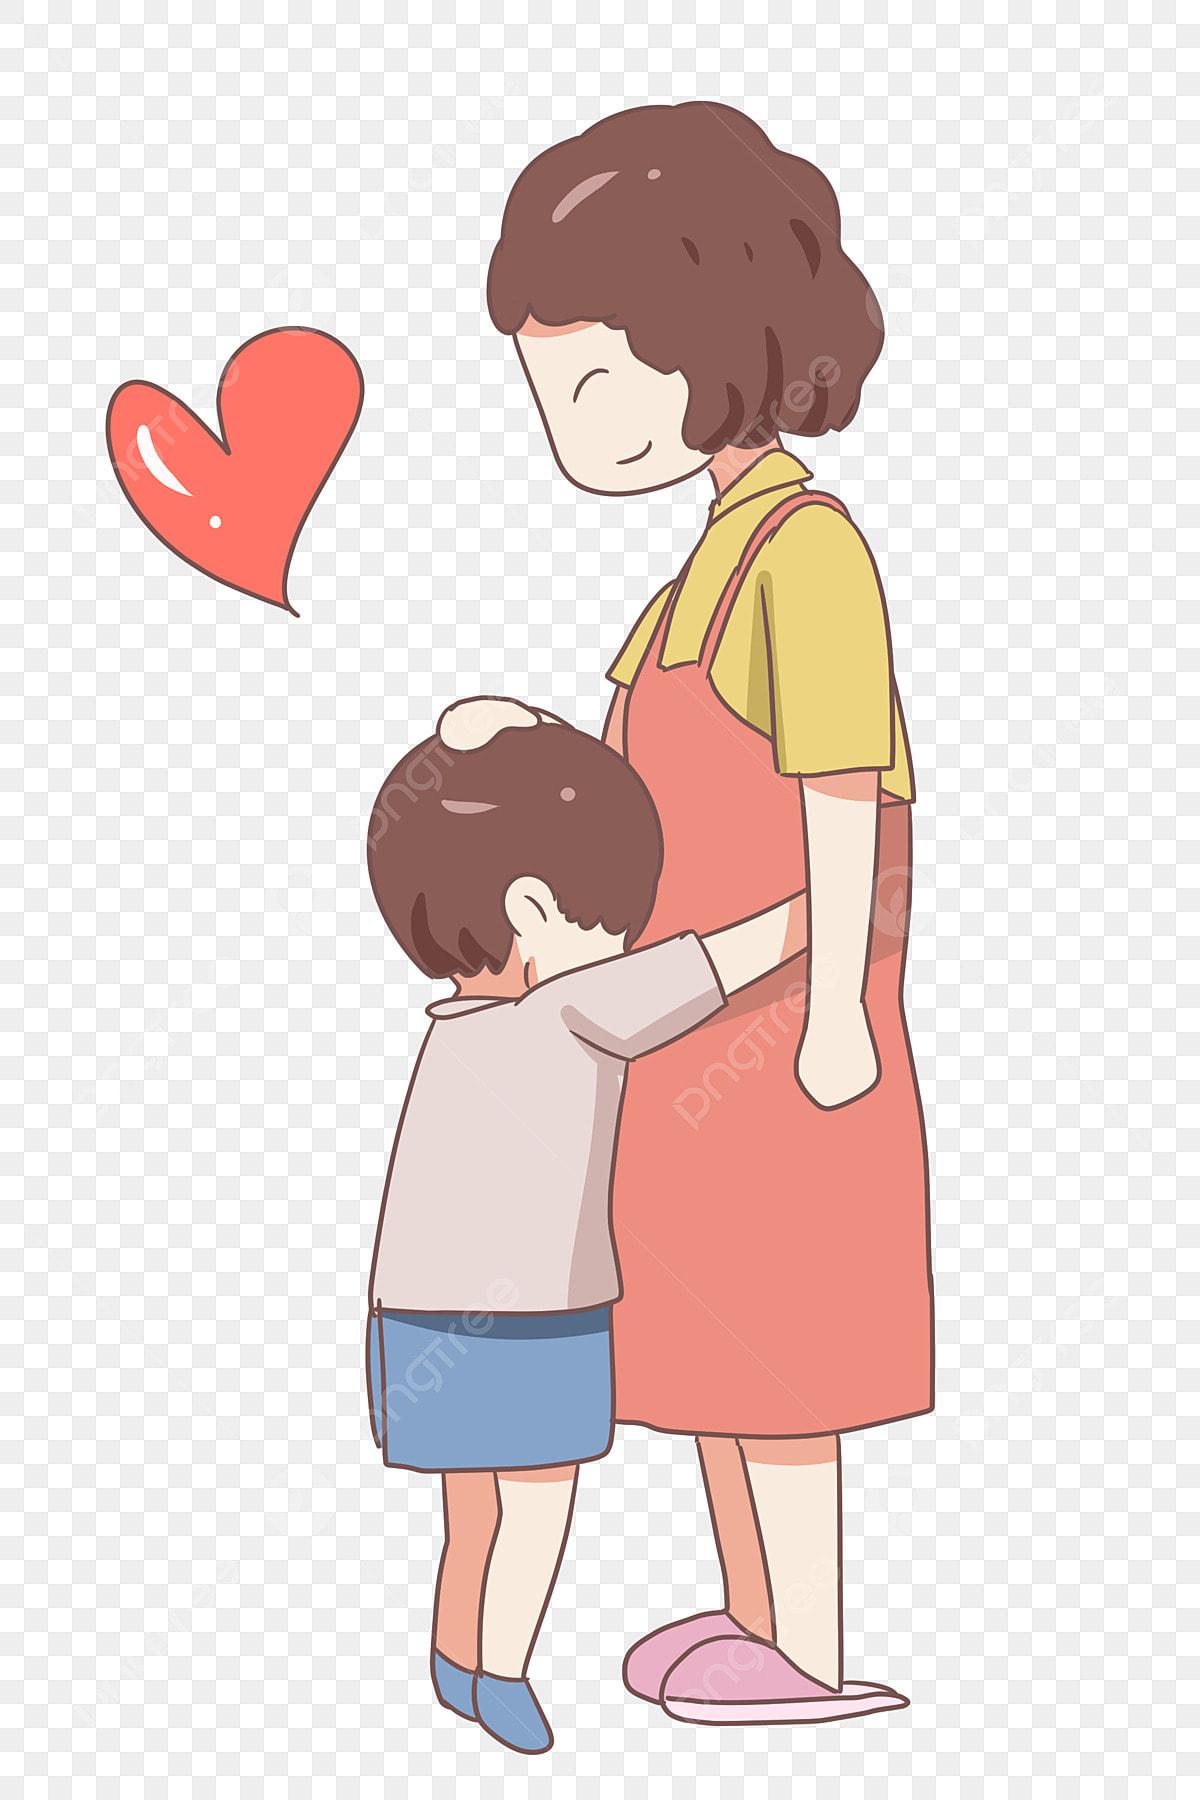 Gambar Cinta Hari Ibu Pelukan Ibu Hari Ibu Pelukan Ibu Png Dan Psd Untuk Muat Turun Percuma